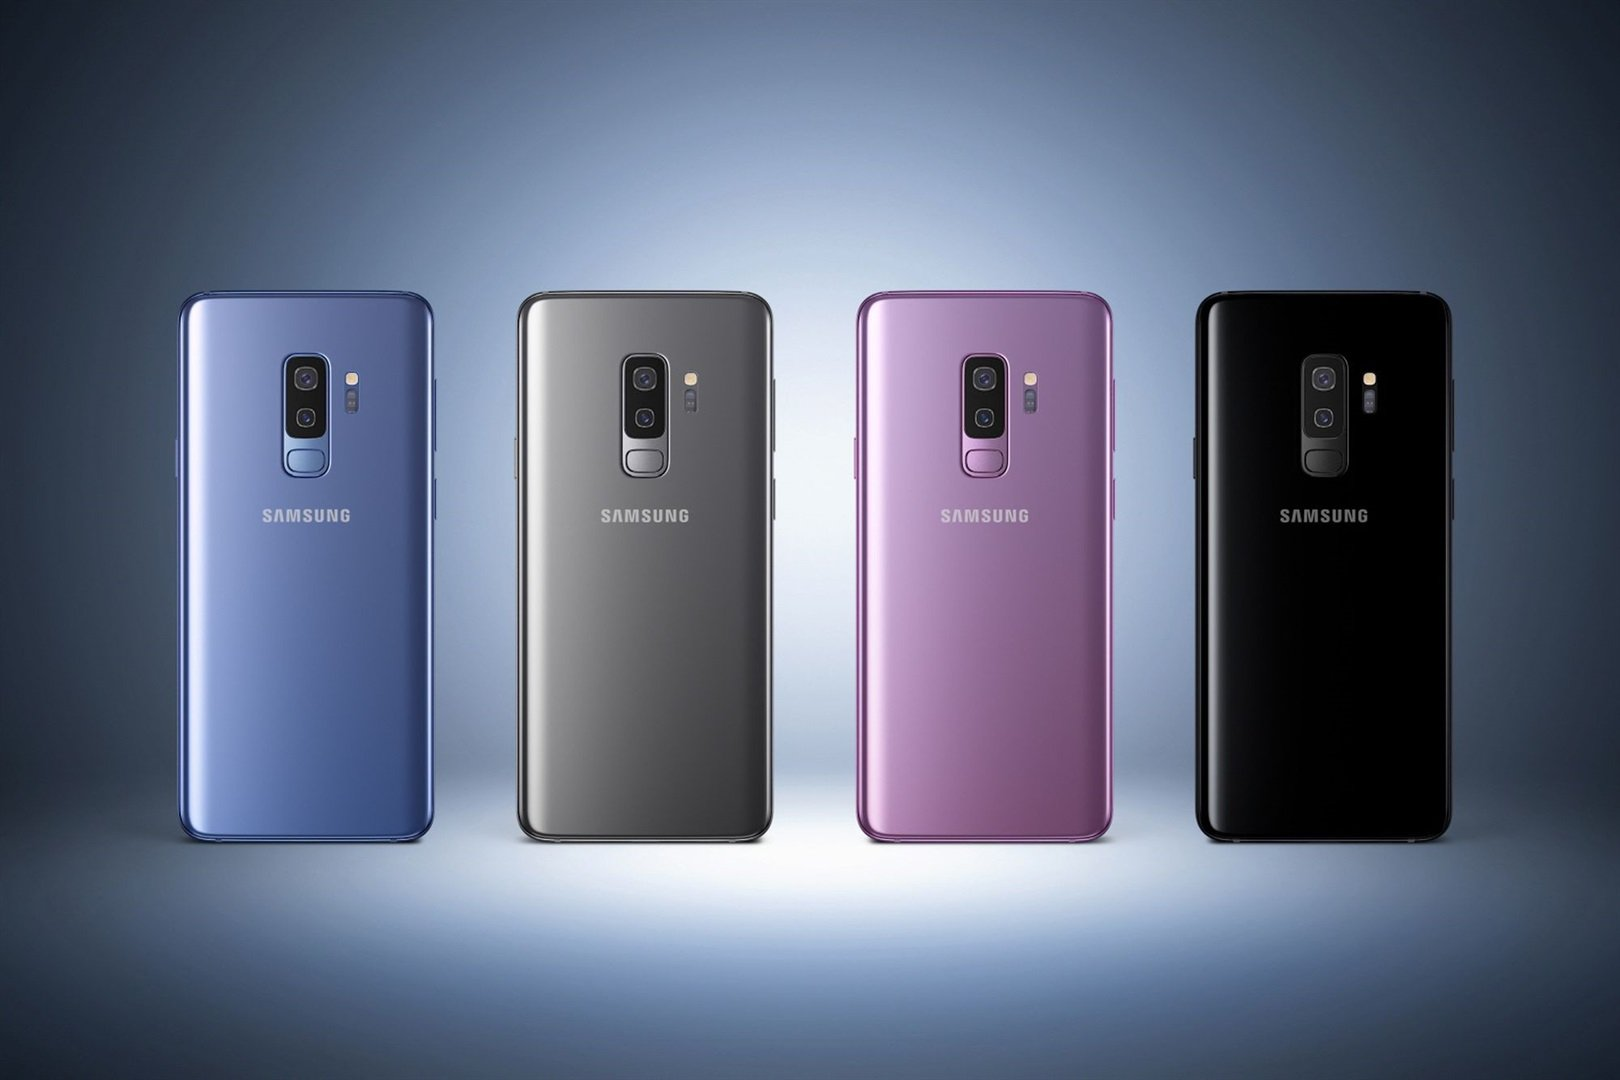 Los colores del Samsung Galaxy S9 y S9+.